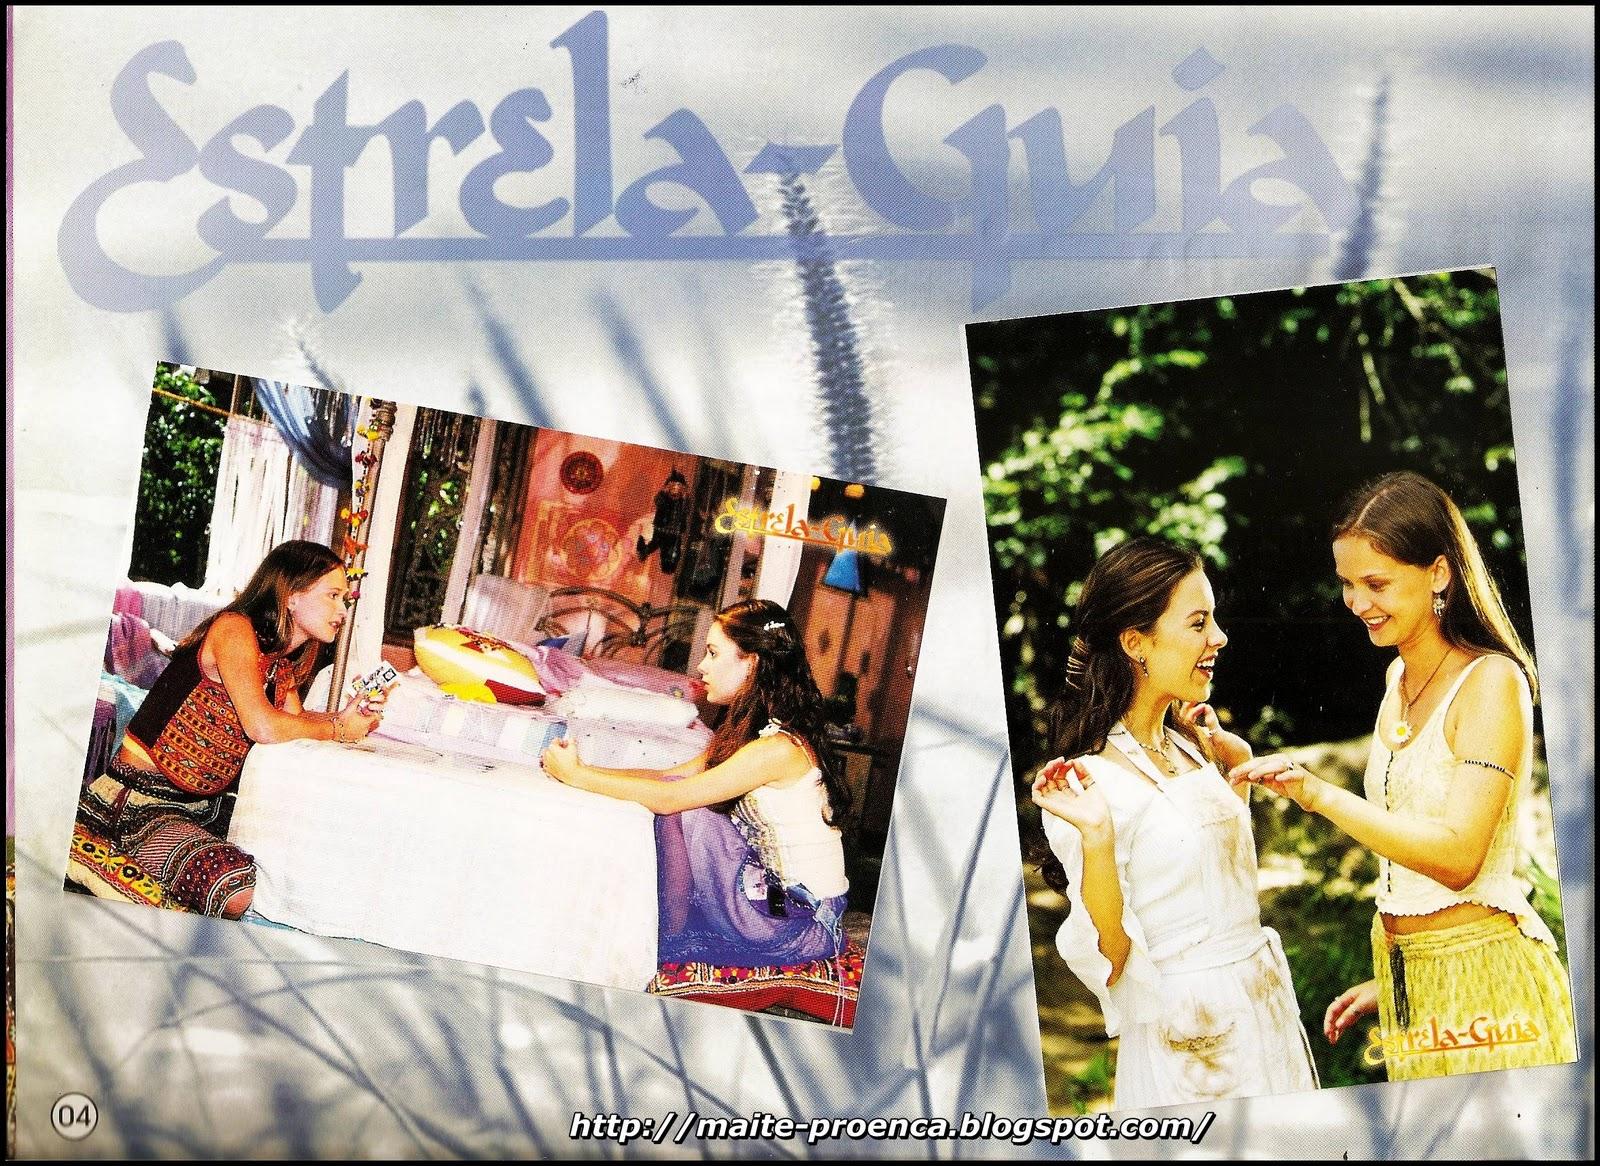 691+2001+Estrela+Guia+Album+(5).jpg